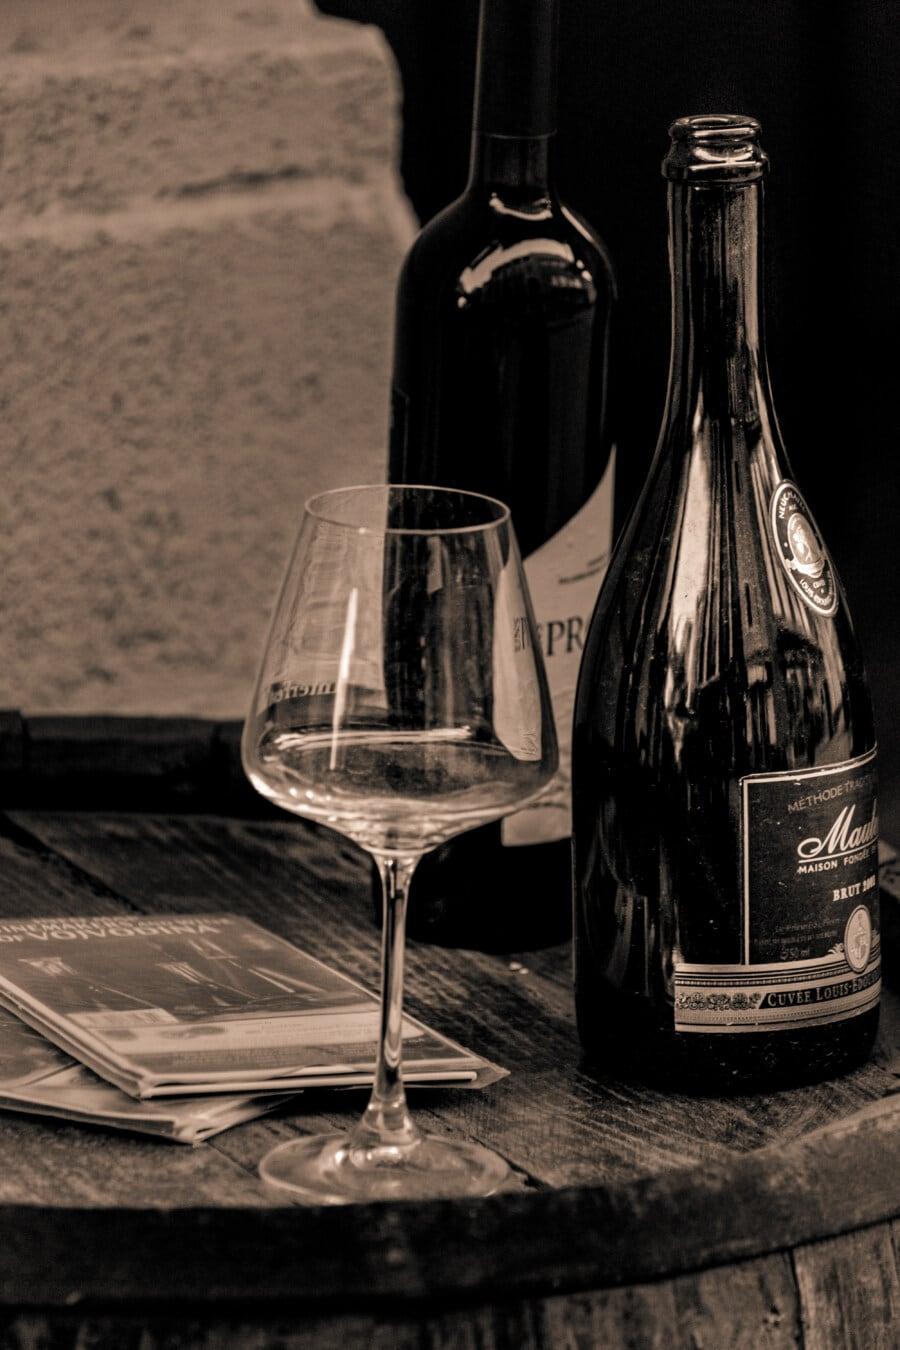 Flasche, Rotwein, Kristall, Glas, Weingut, Fass, Nostalgie, Getränke, Wein, Still-Leben